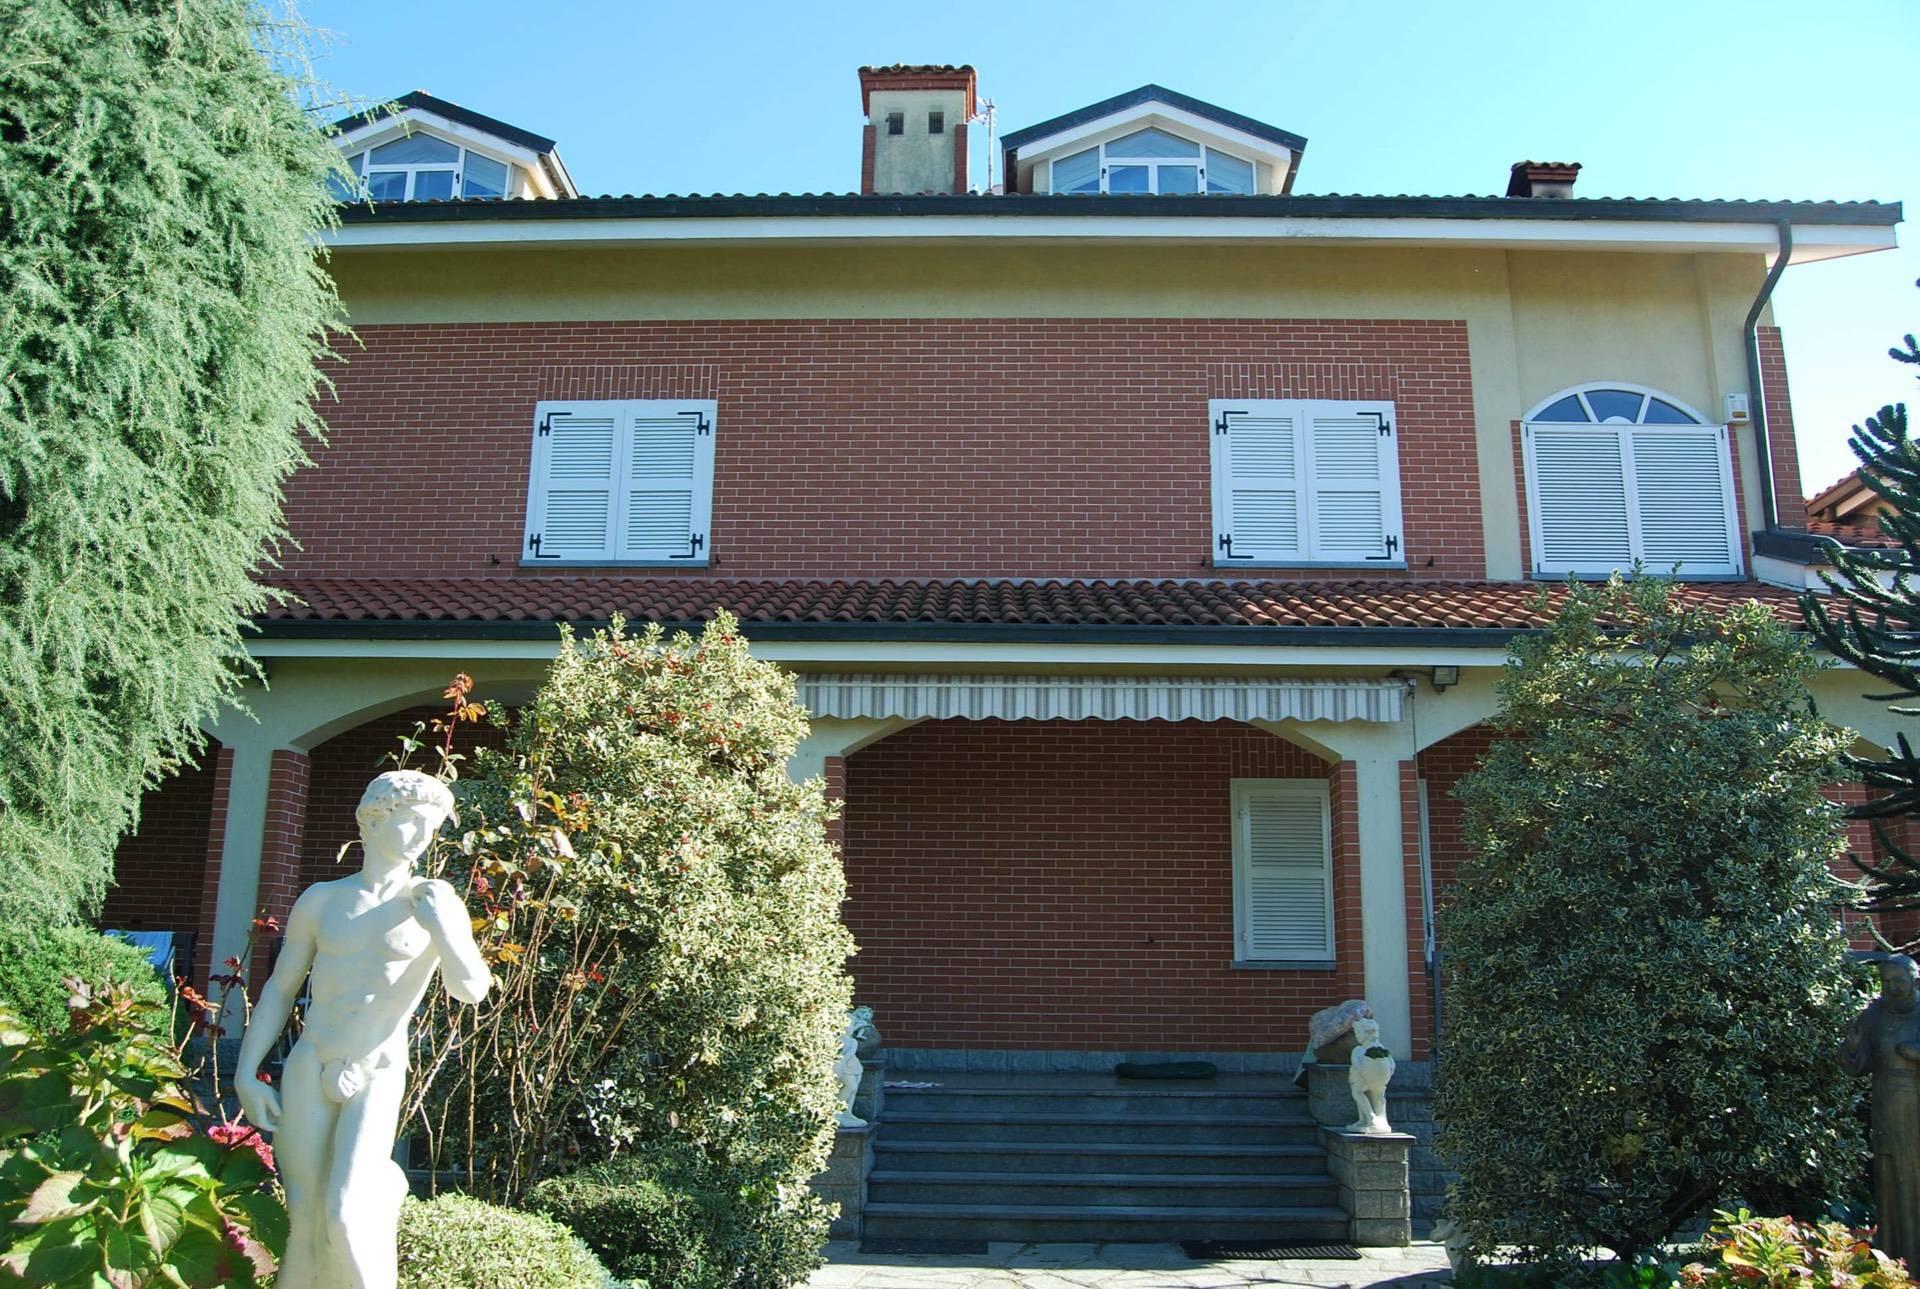 Appartamento in affitto a Rivalta di Torino, 9 locali, zona Località: Prabernasca, prezzo € 800 | PortaleAgenzieImmobiliari.it